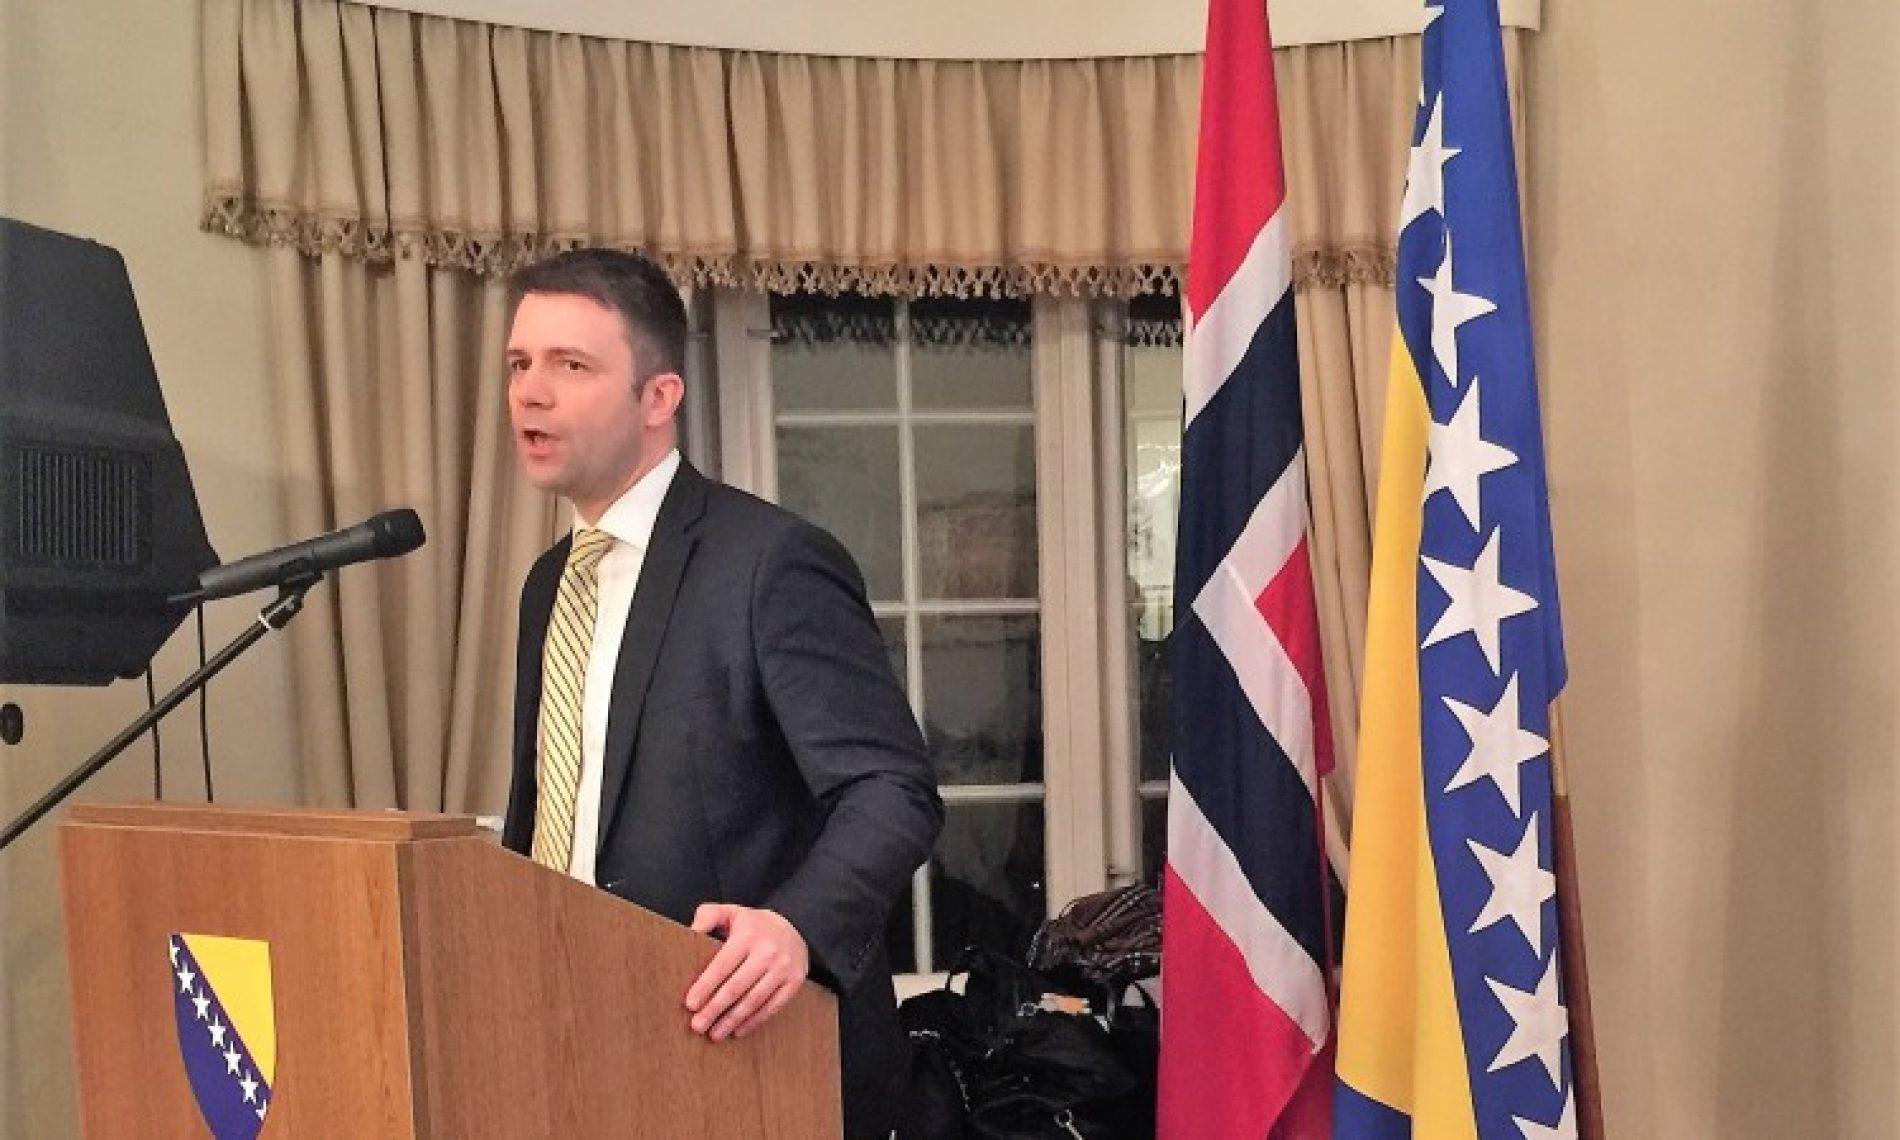 Dan nezavisnosti Bosne i Hercegovine svečano obilježen u Norveškoj